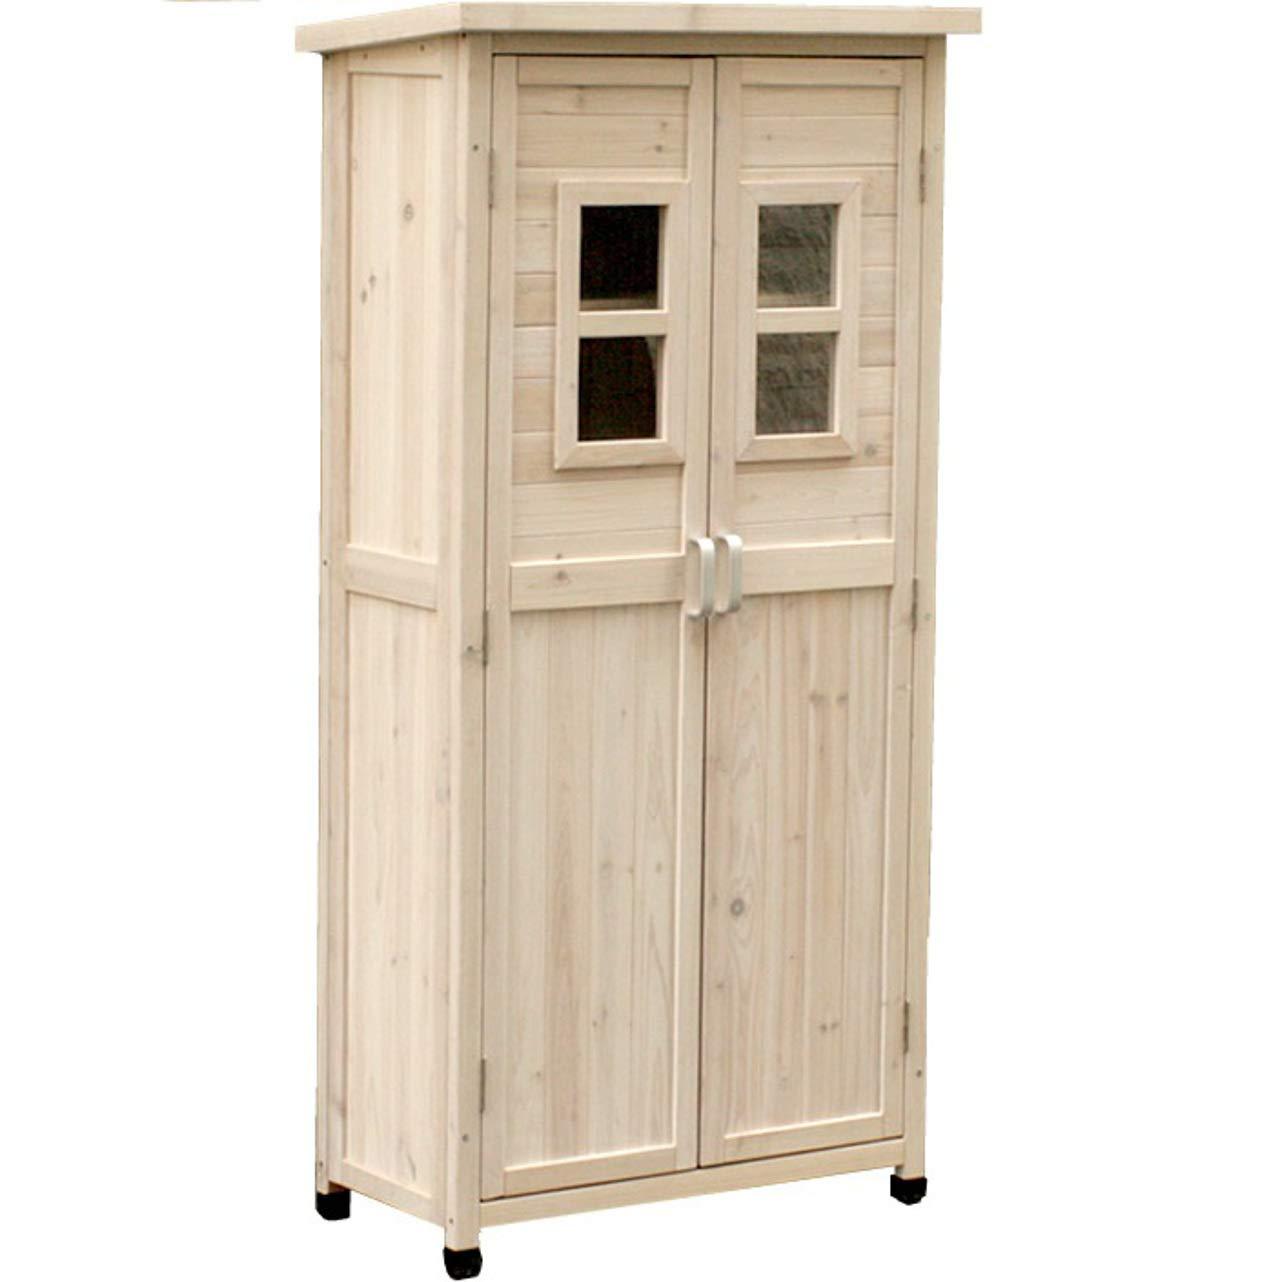 収納庫 ベランダ 薄型 屋外 物置 木製 物置き スリム ホワイト 高さ160cm B07G545HXM ホワイト 高さ160cm